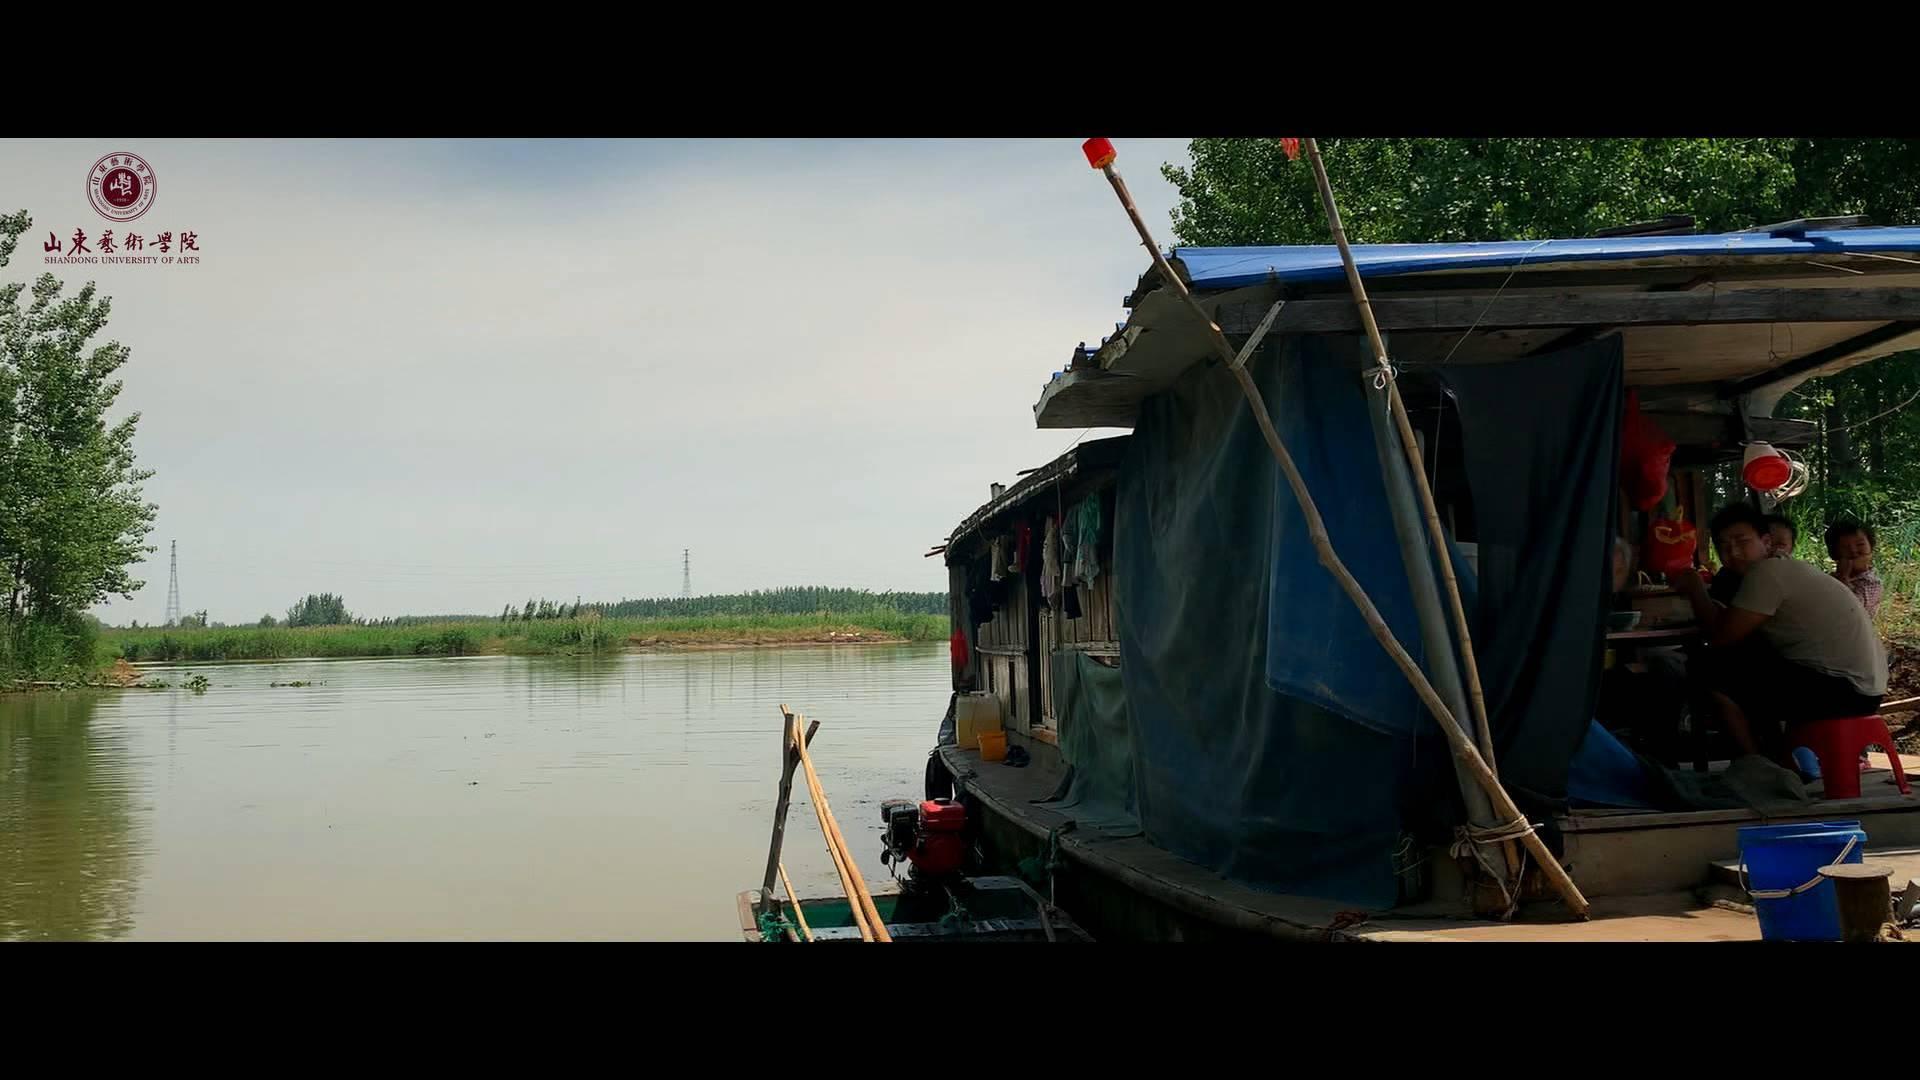 我爱山东,我为家乡代言|湖水的馈赠